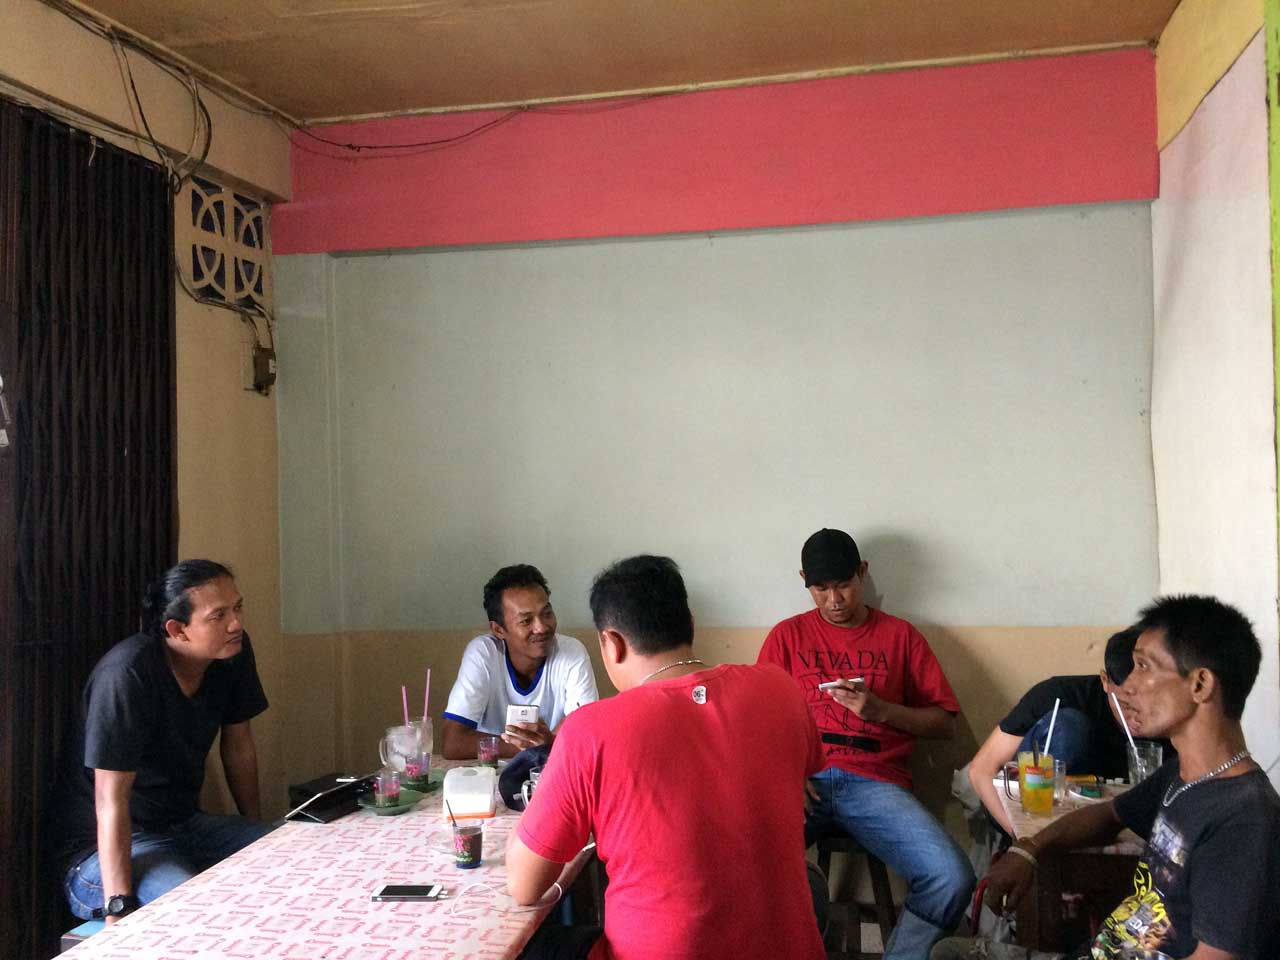 kong-djie-coffee-tanjung-pandan-belitung-yopie-pangkey-1